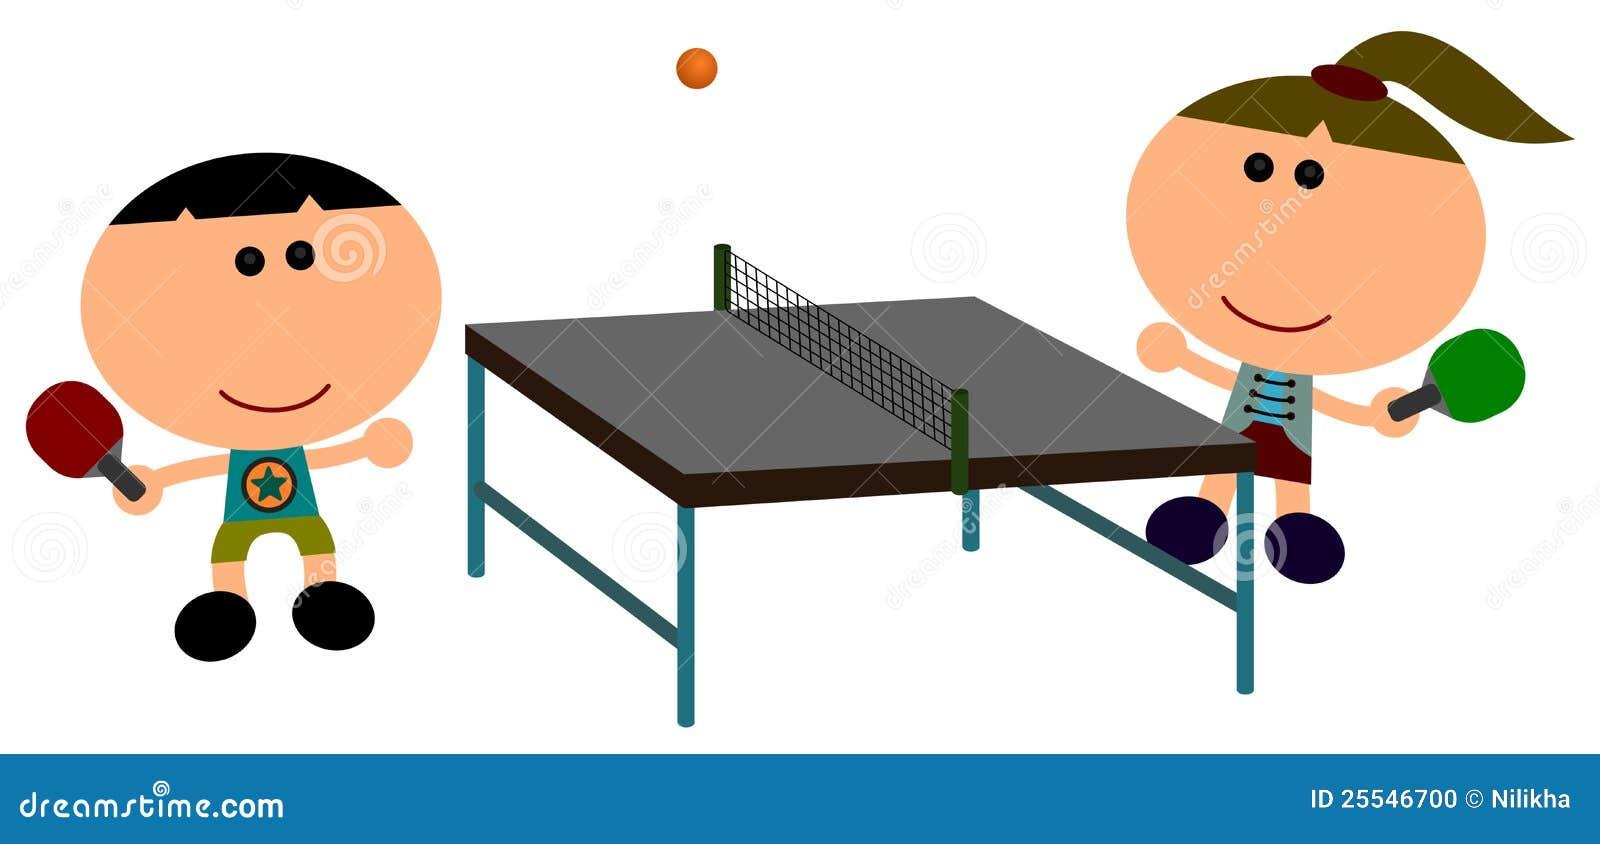 乒乓球能平时带的登山表图片